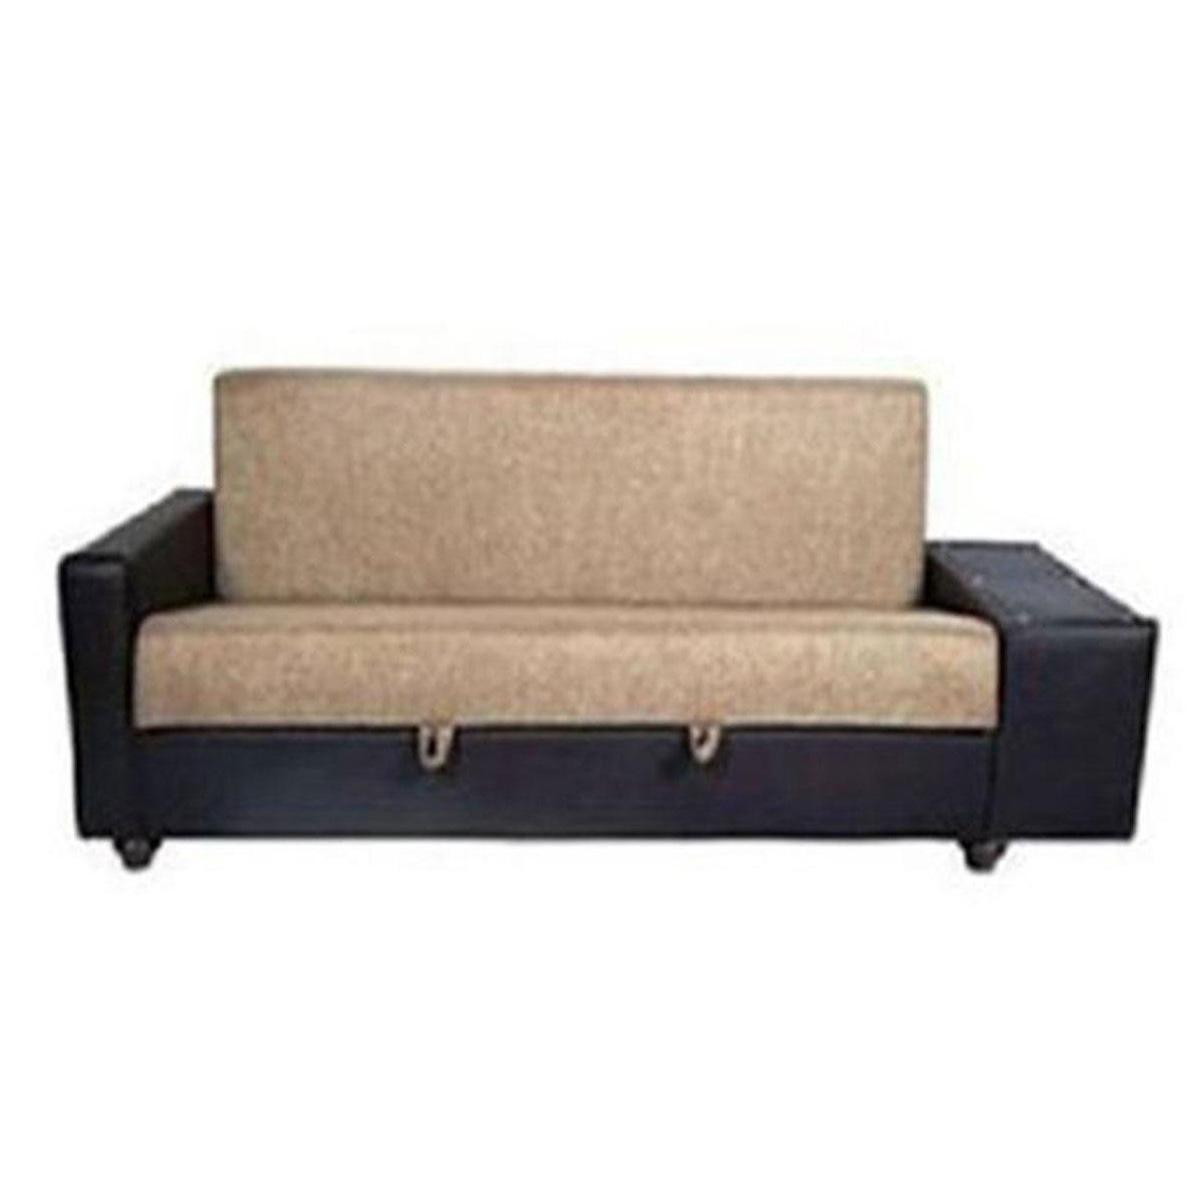 Fabulous Uni Classic Plus Sofa Cum Bed Inzonedesignstudio Interior Chair Design Inzonedesignstudiocom